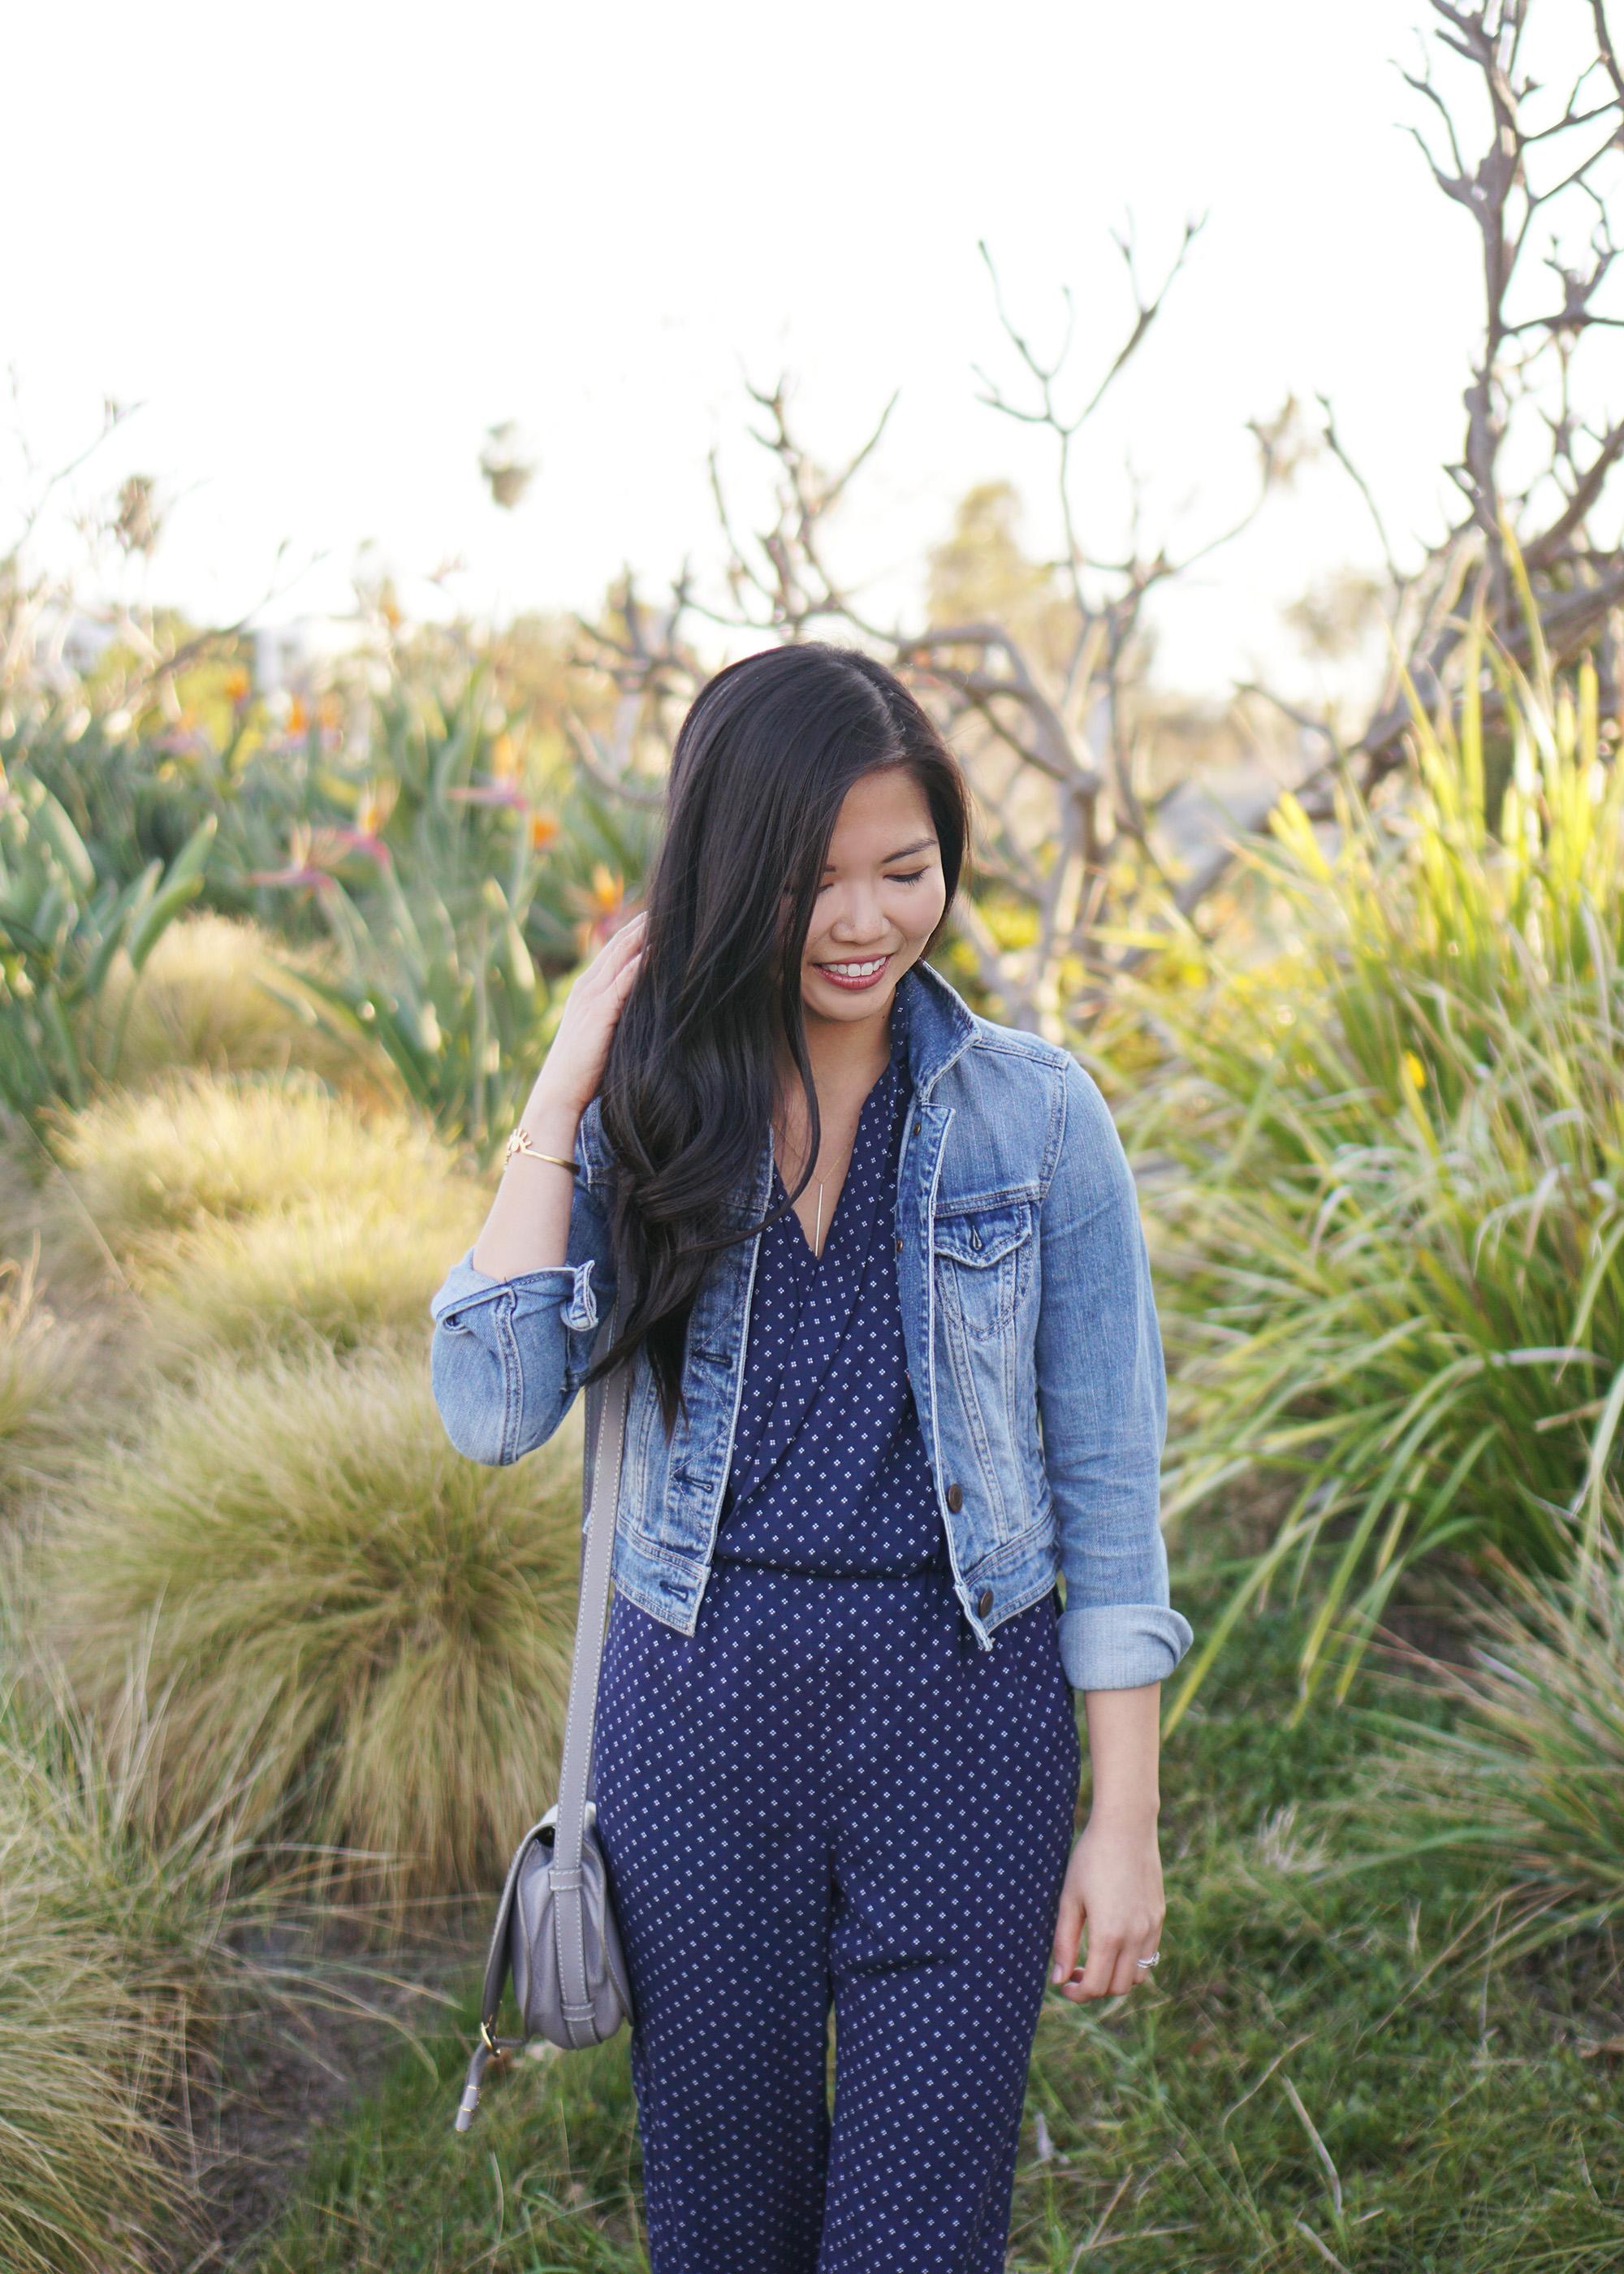 Spring Outfit Idea / JCrew Navy Jumpsuit & Denim Jacket